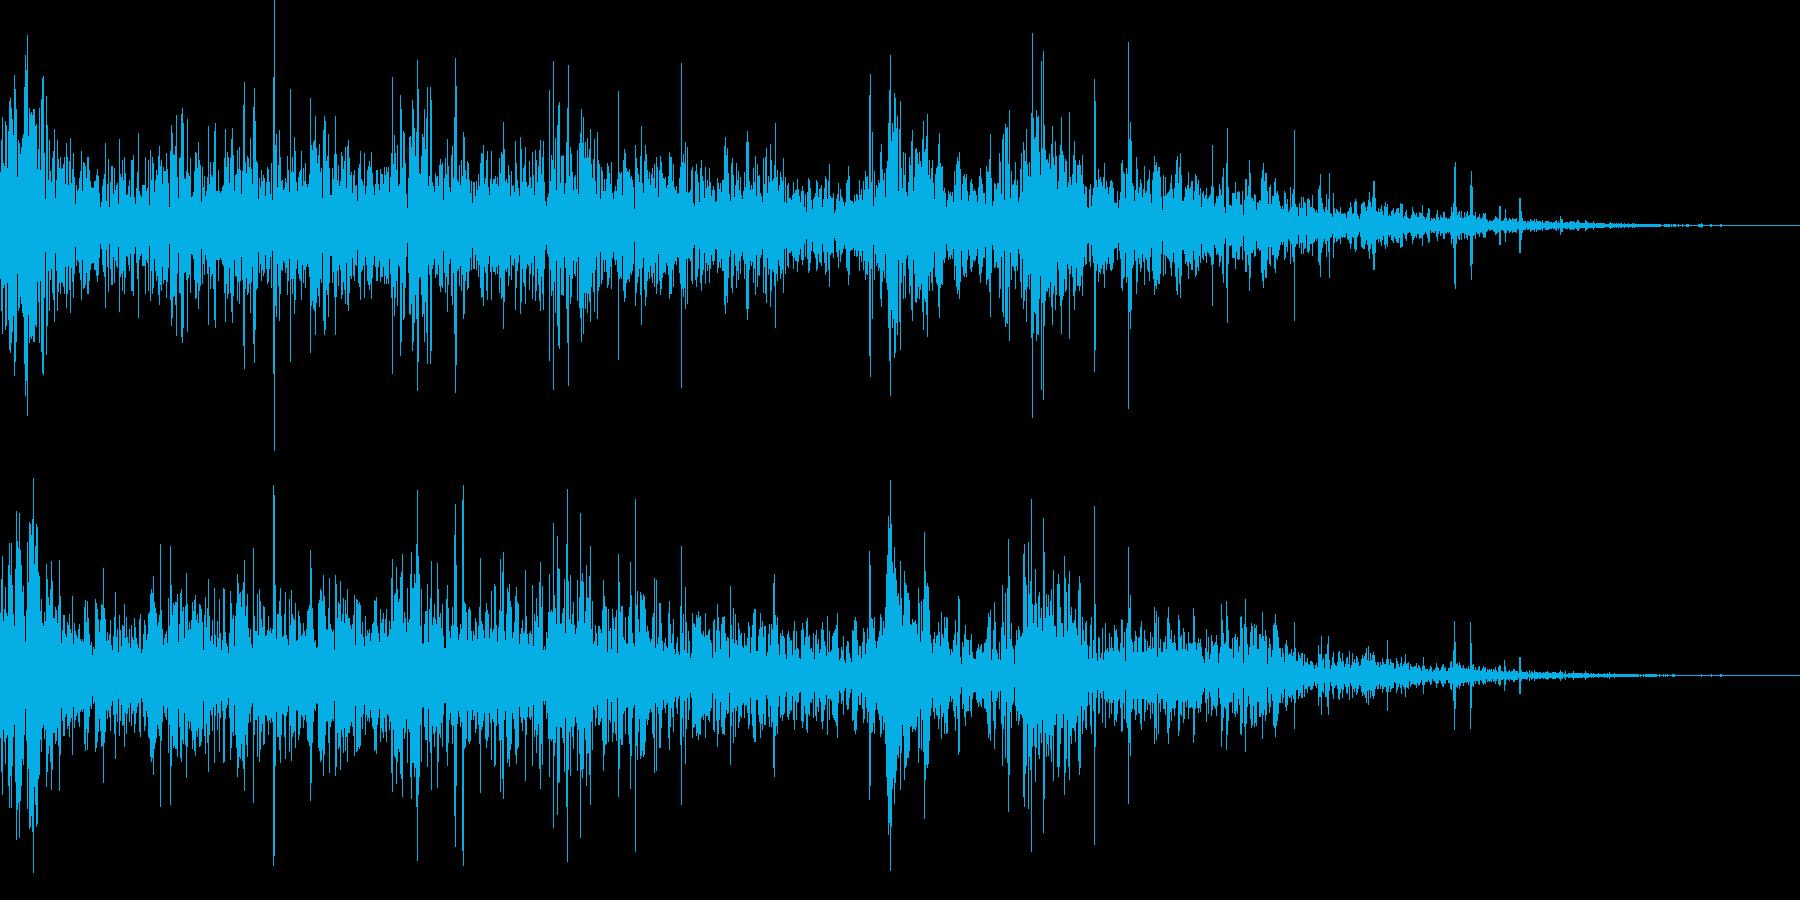 ドンパァ〜!リアルな連続花火の効果音!5の再生済みの波形